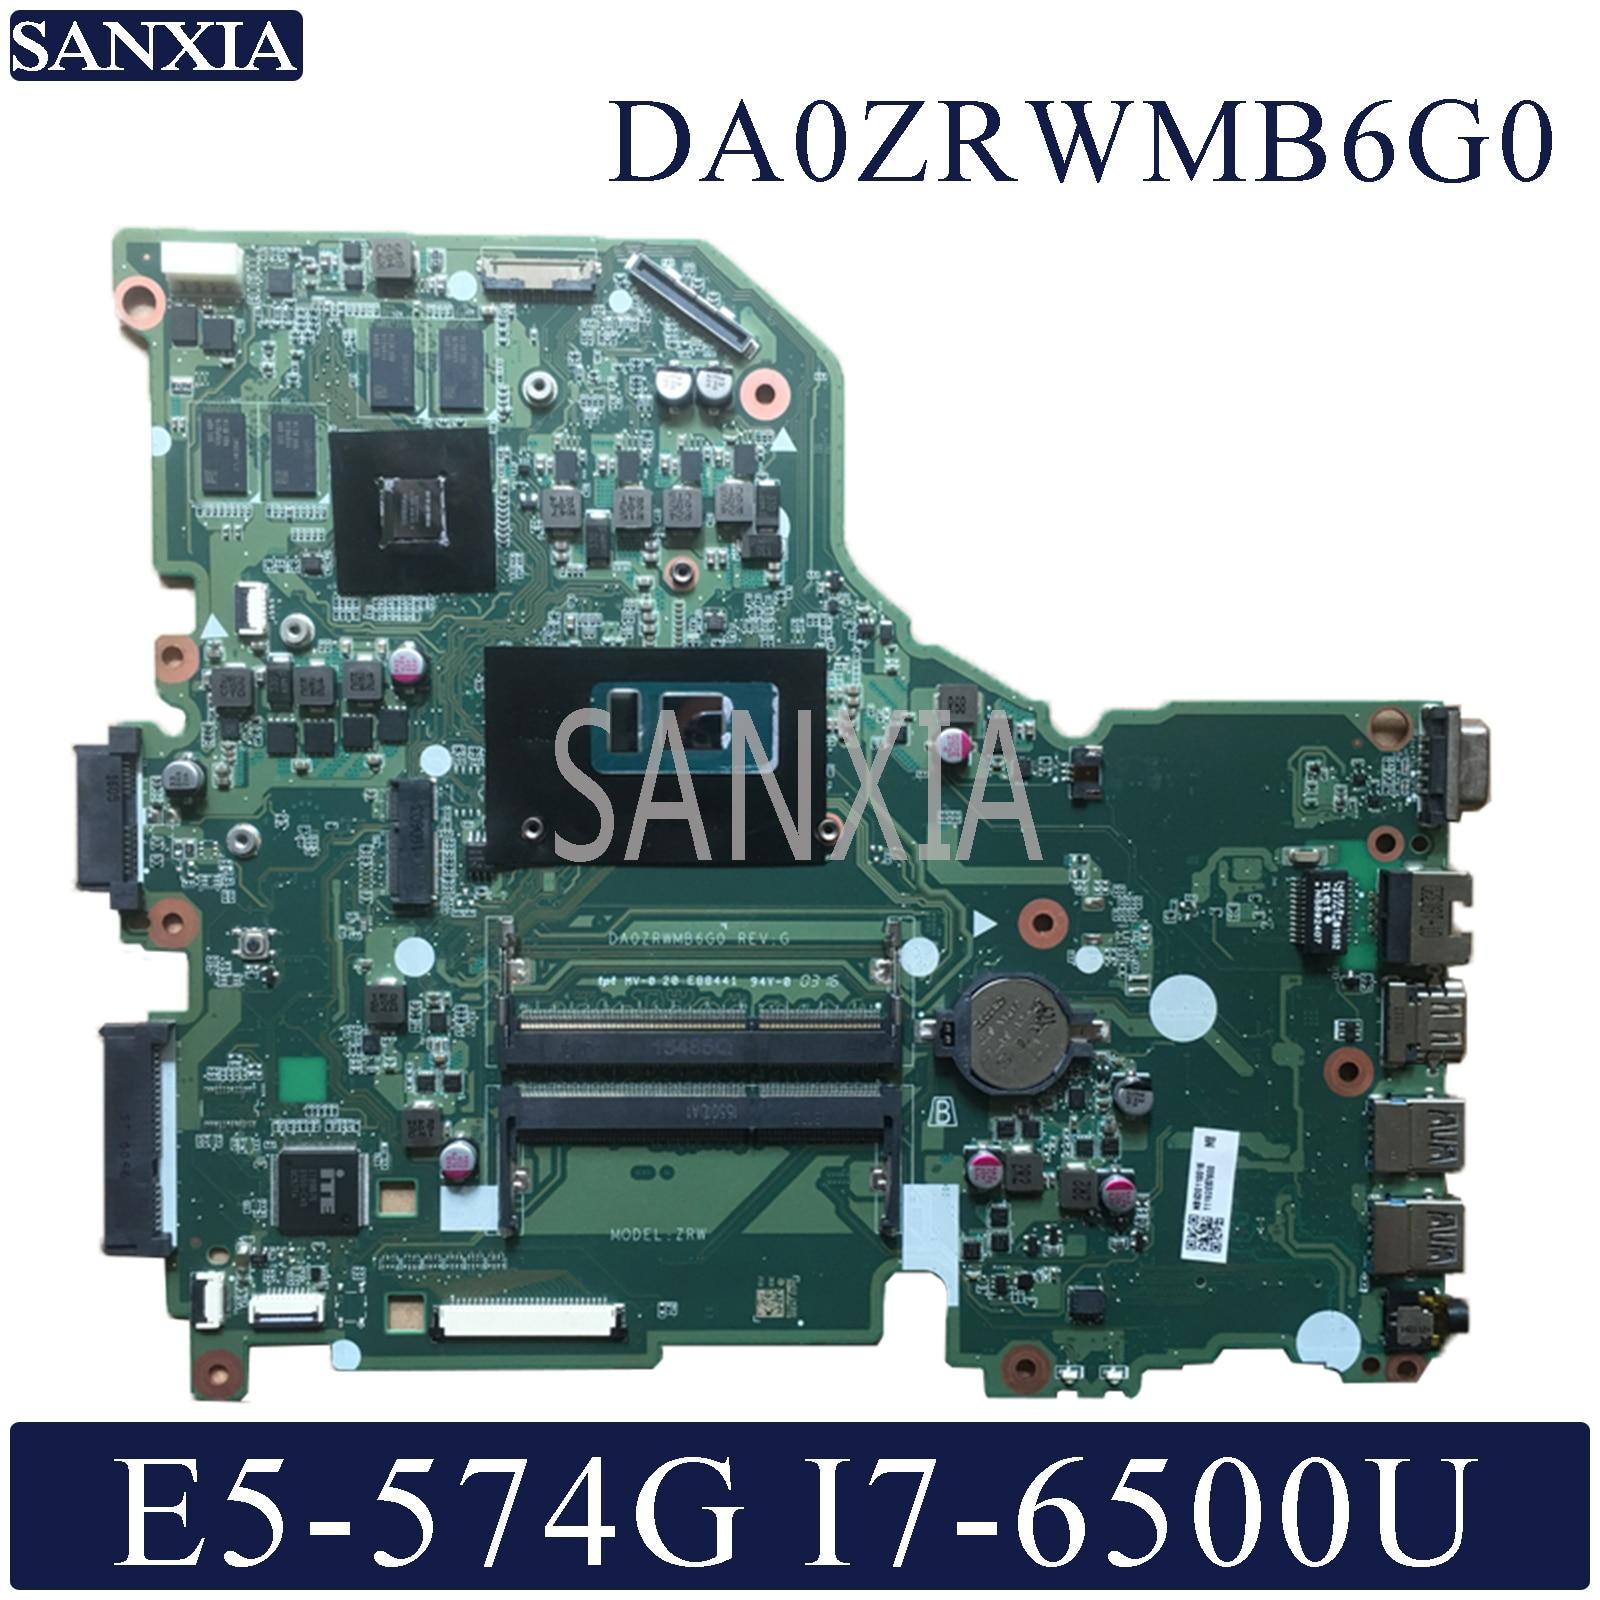 KEFU DA0ZRWMB6G0 Laptop Motherboard For Acer Aspire E5-574G Original Mainboard I7-6500U